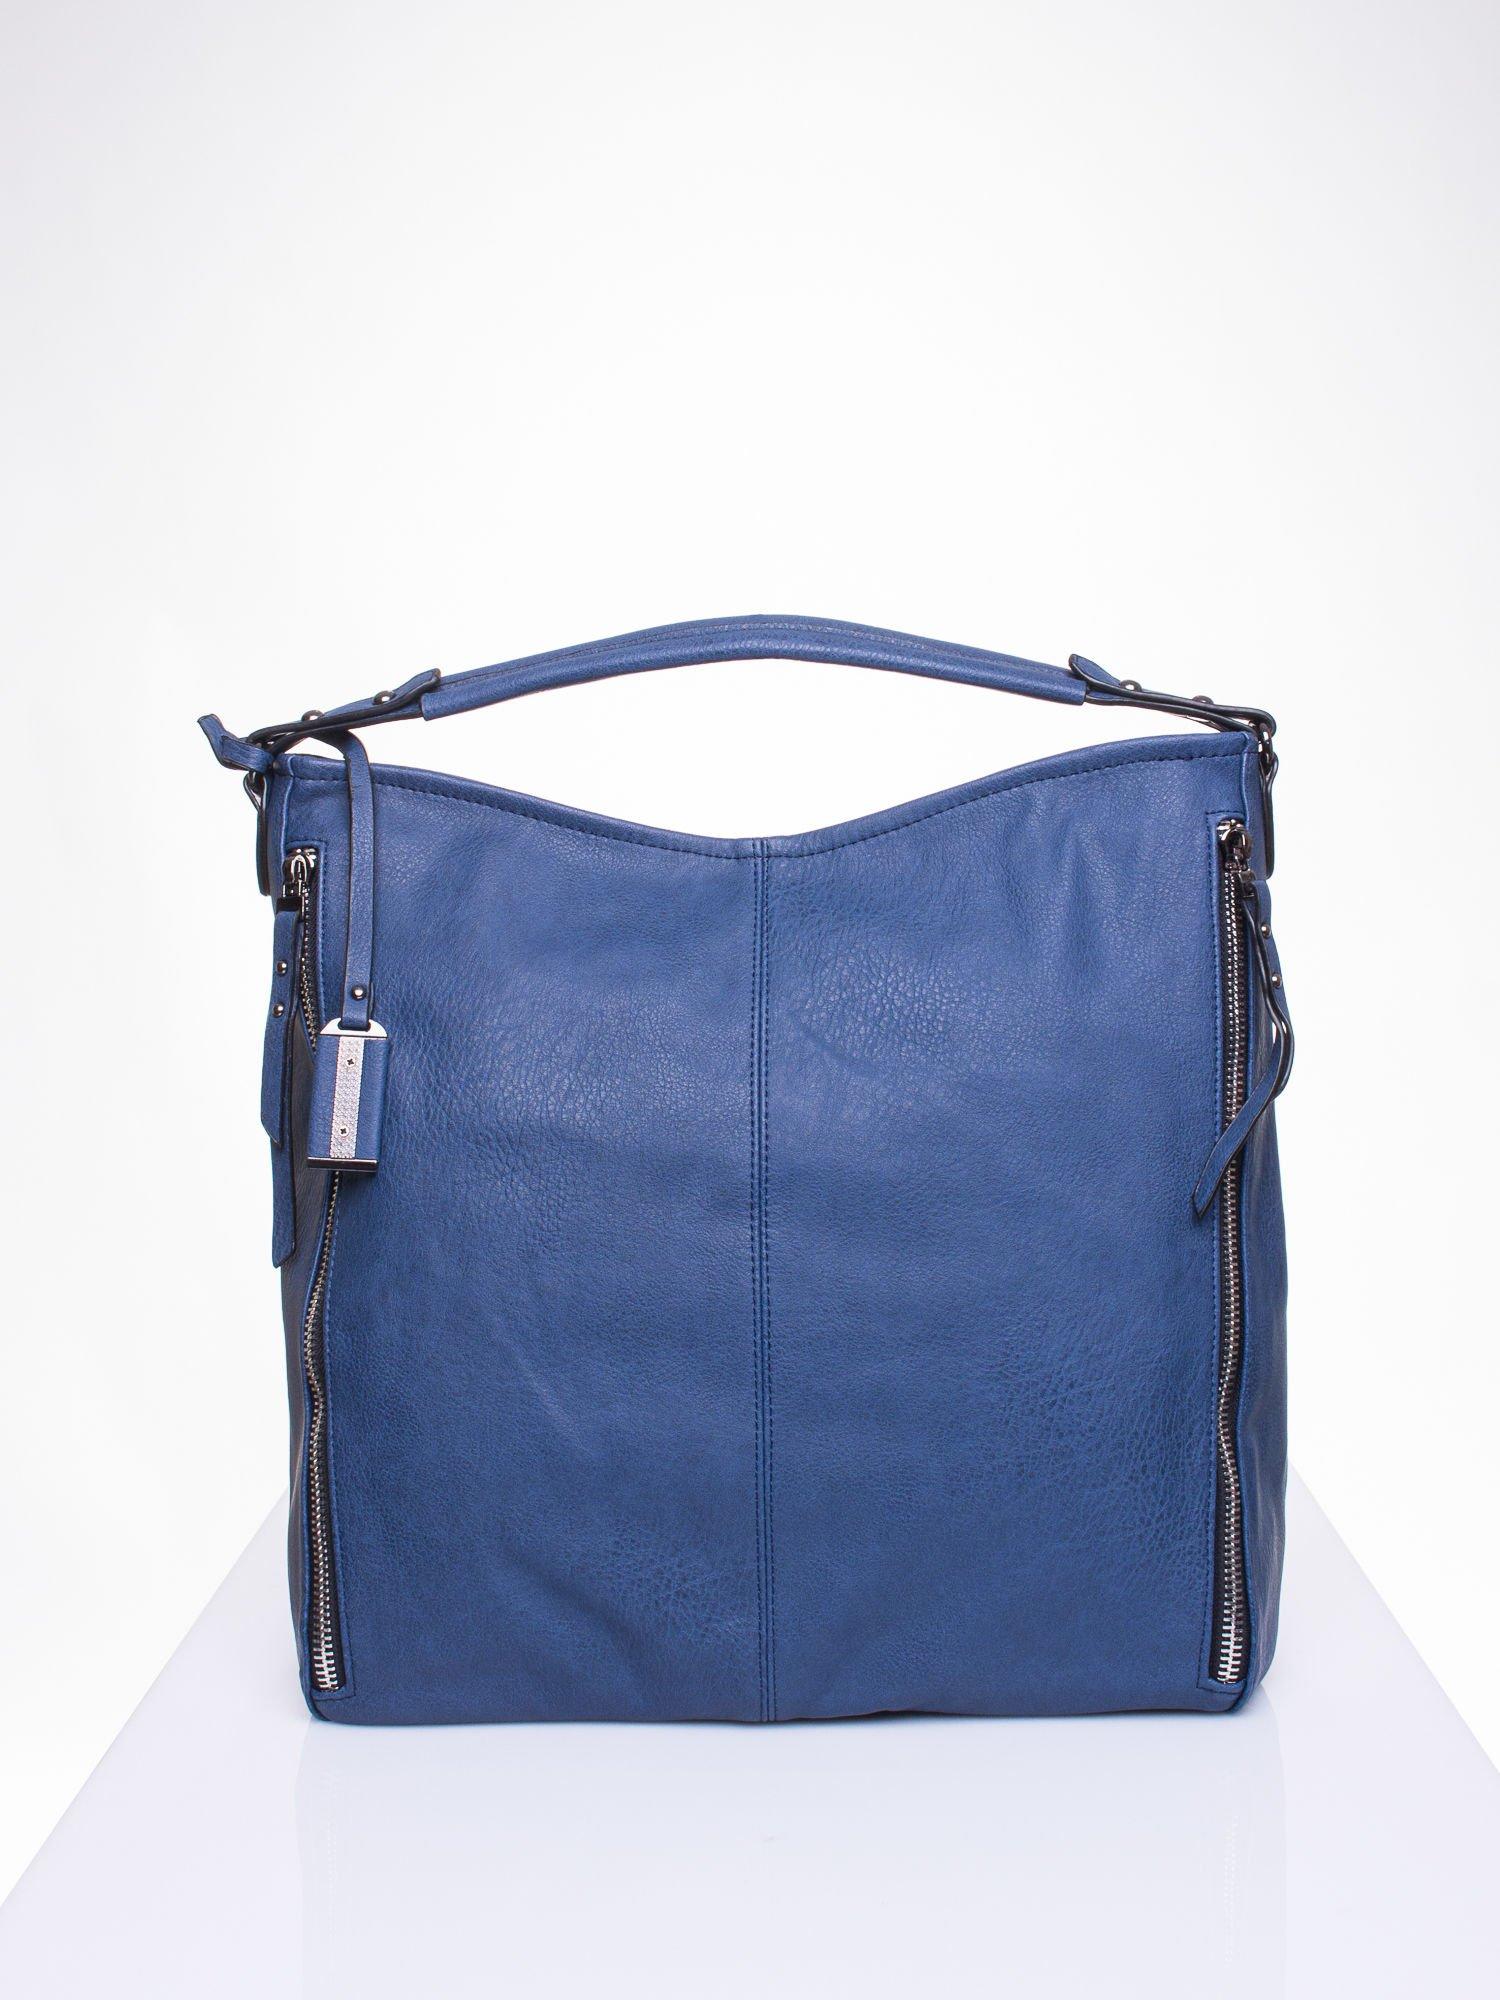 Granatowa torba hobo z suwakami po bokach                                  zdj.                                  2